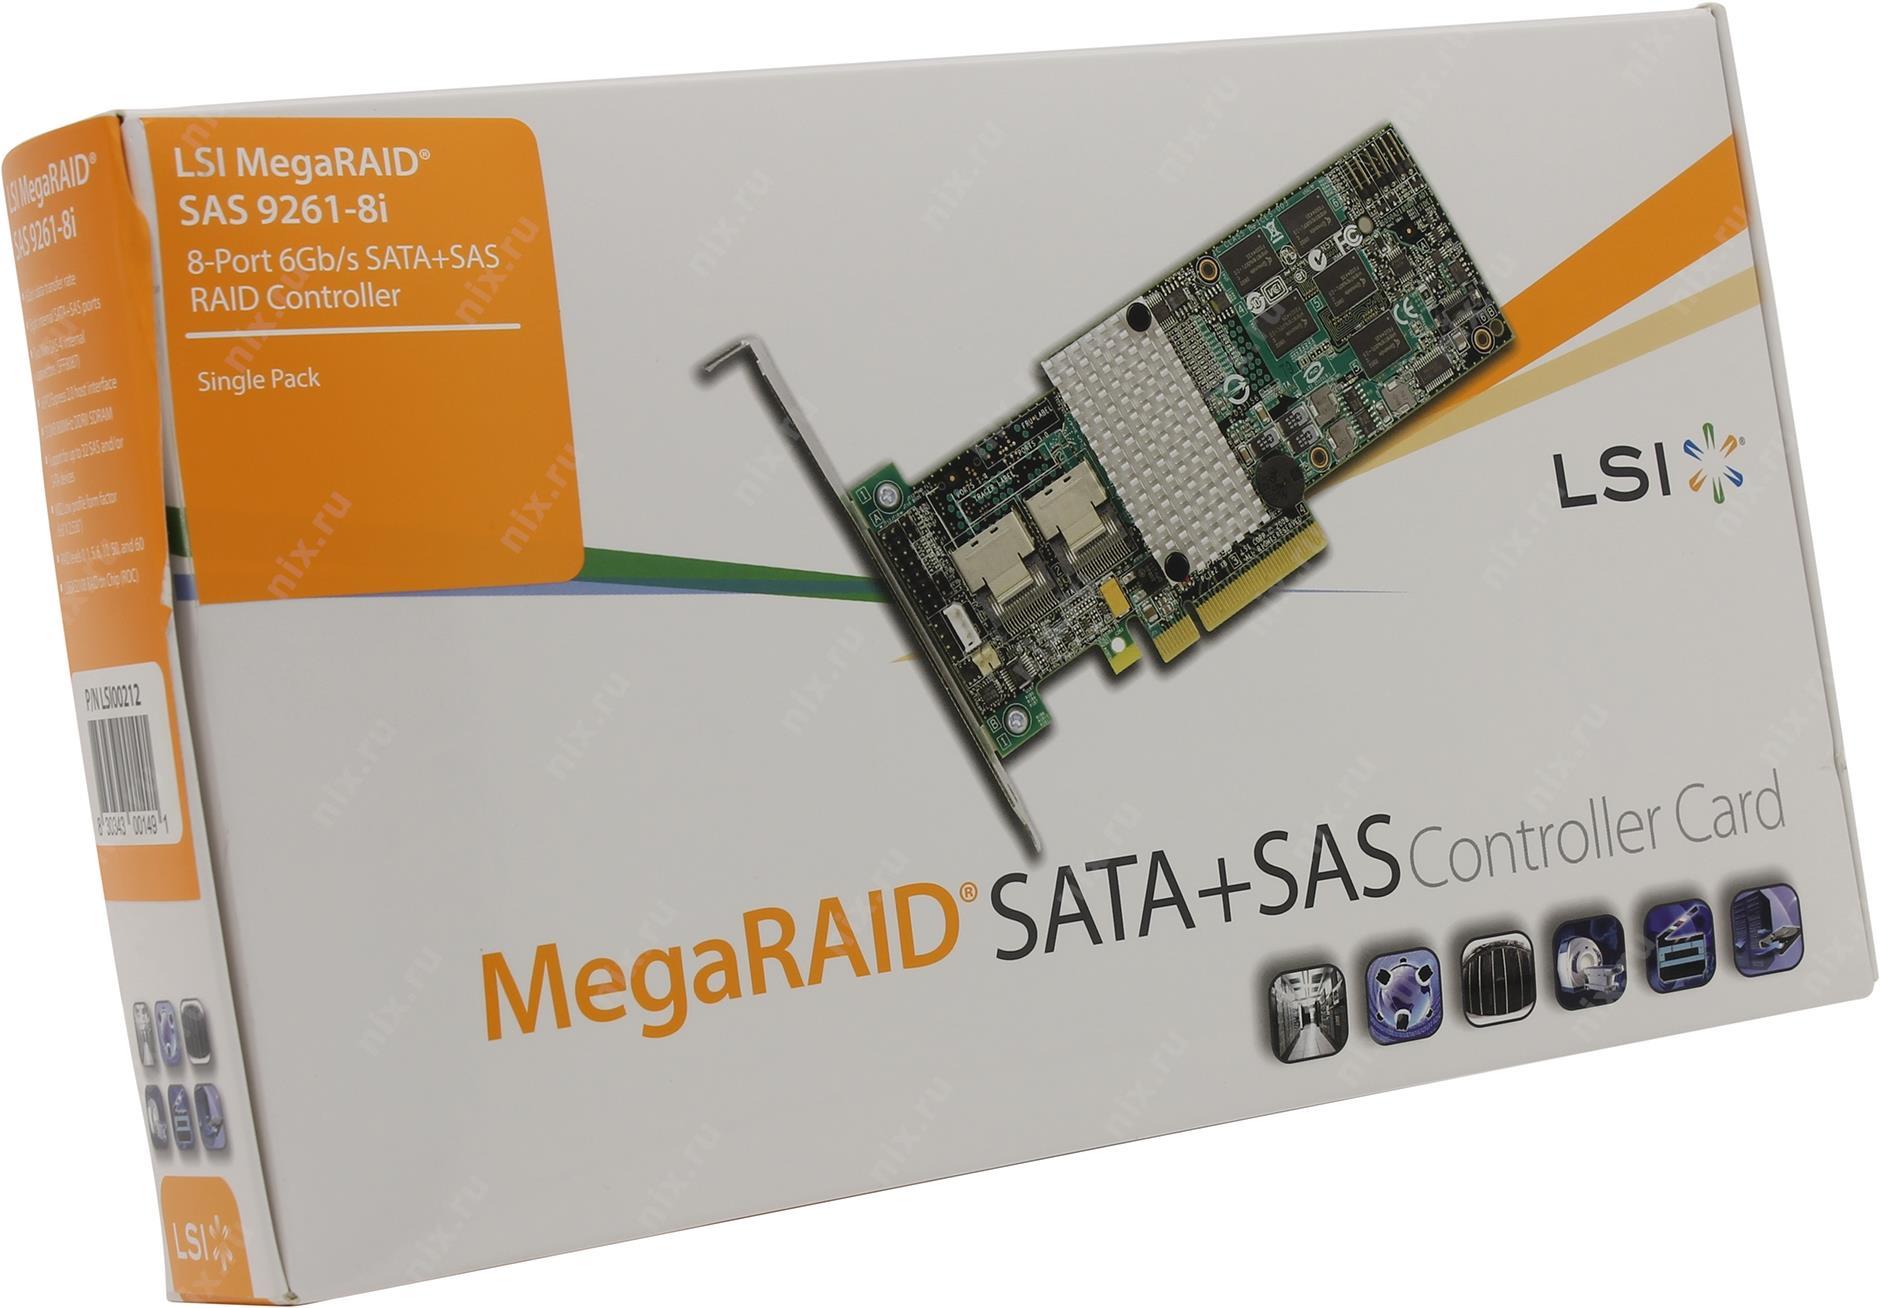 MegaRAID SAS 9261-8i